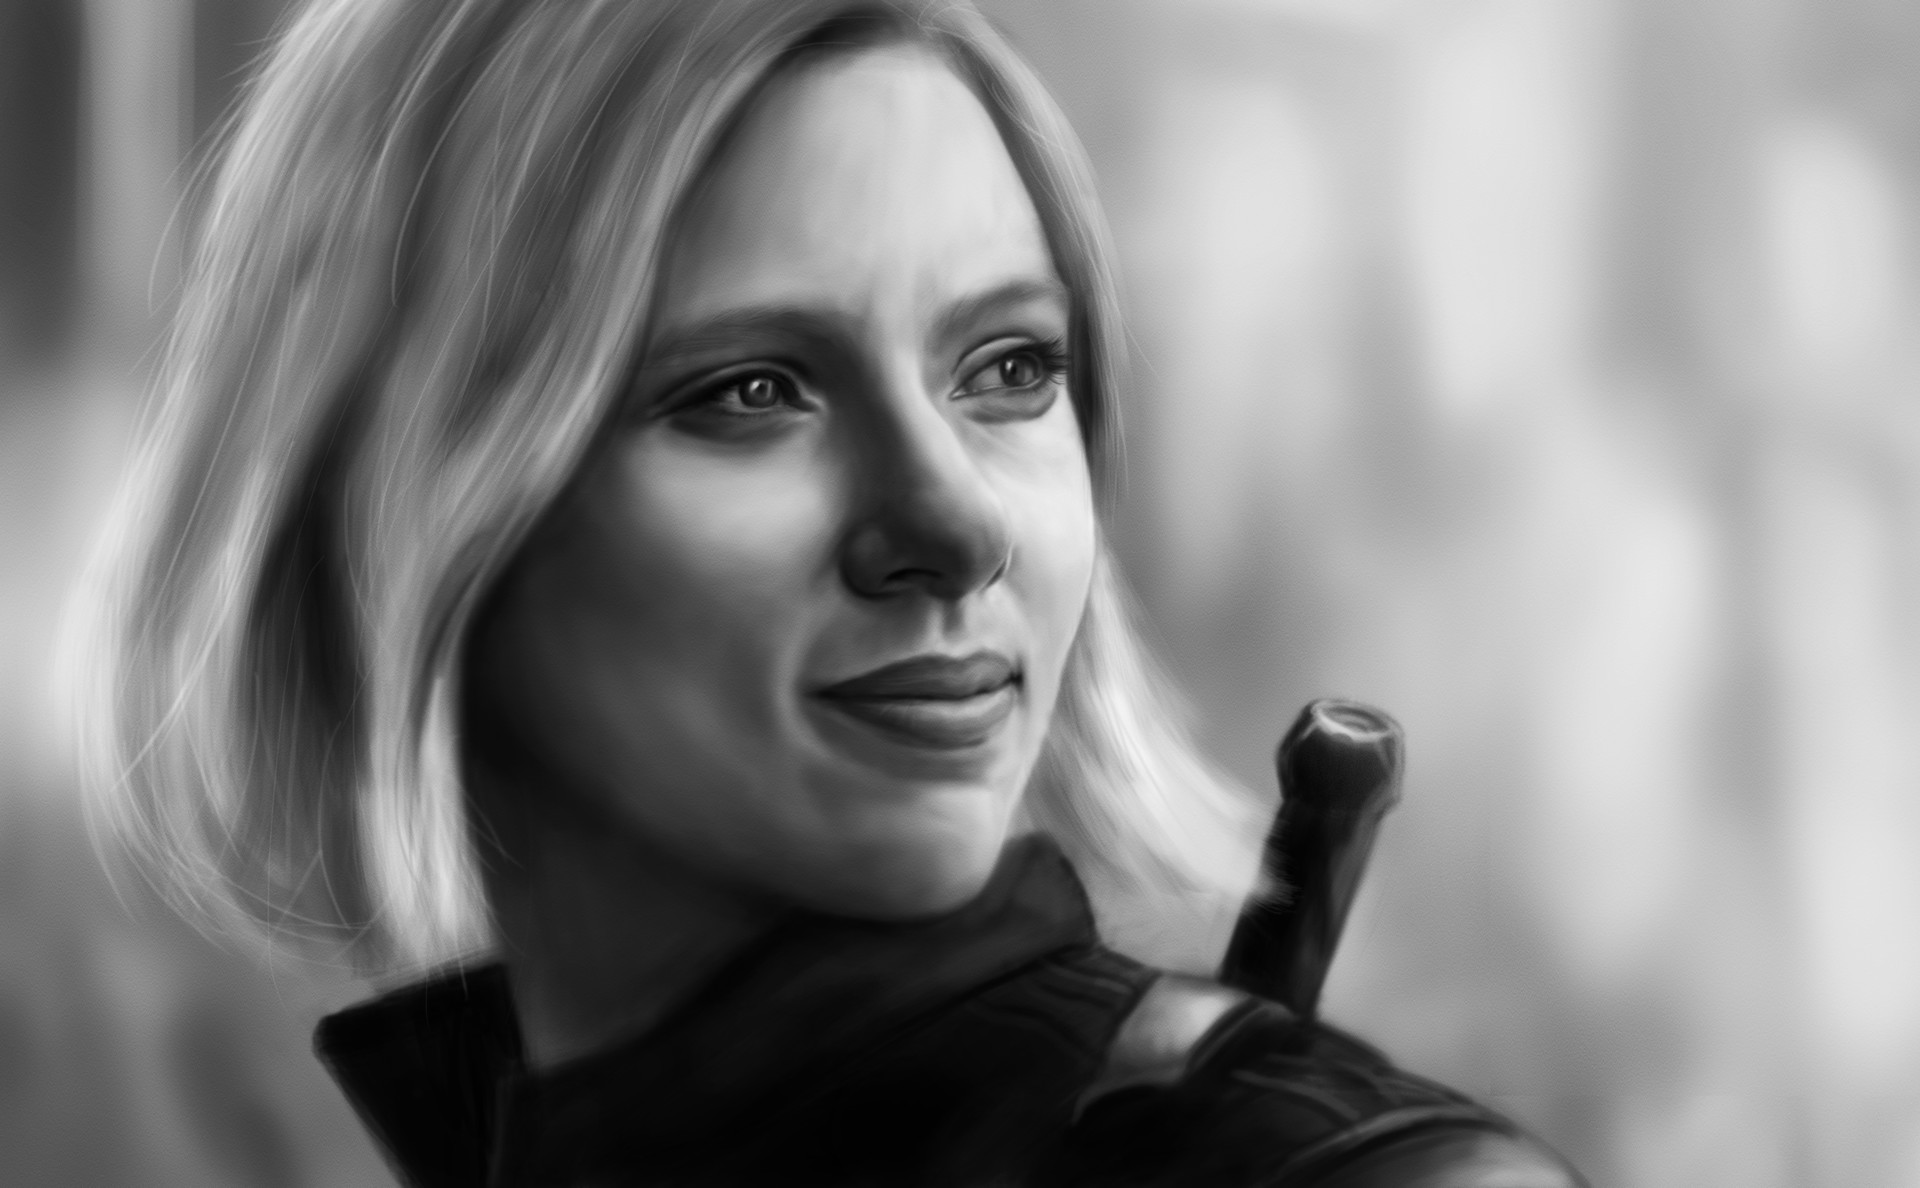 Black Widow In Avengers Infinity War 2018 Artwork Monochrome